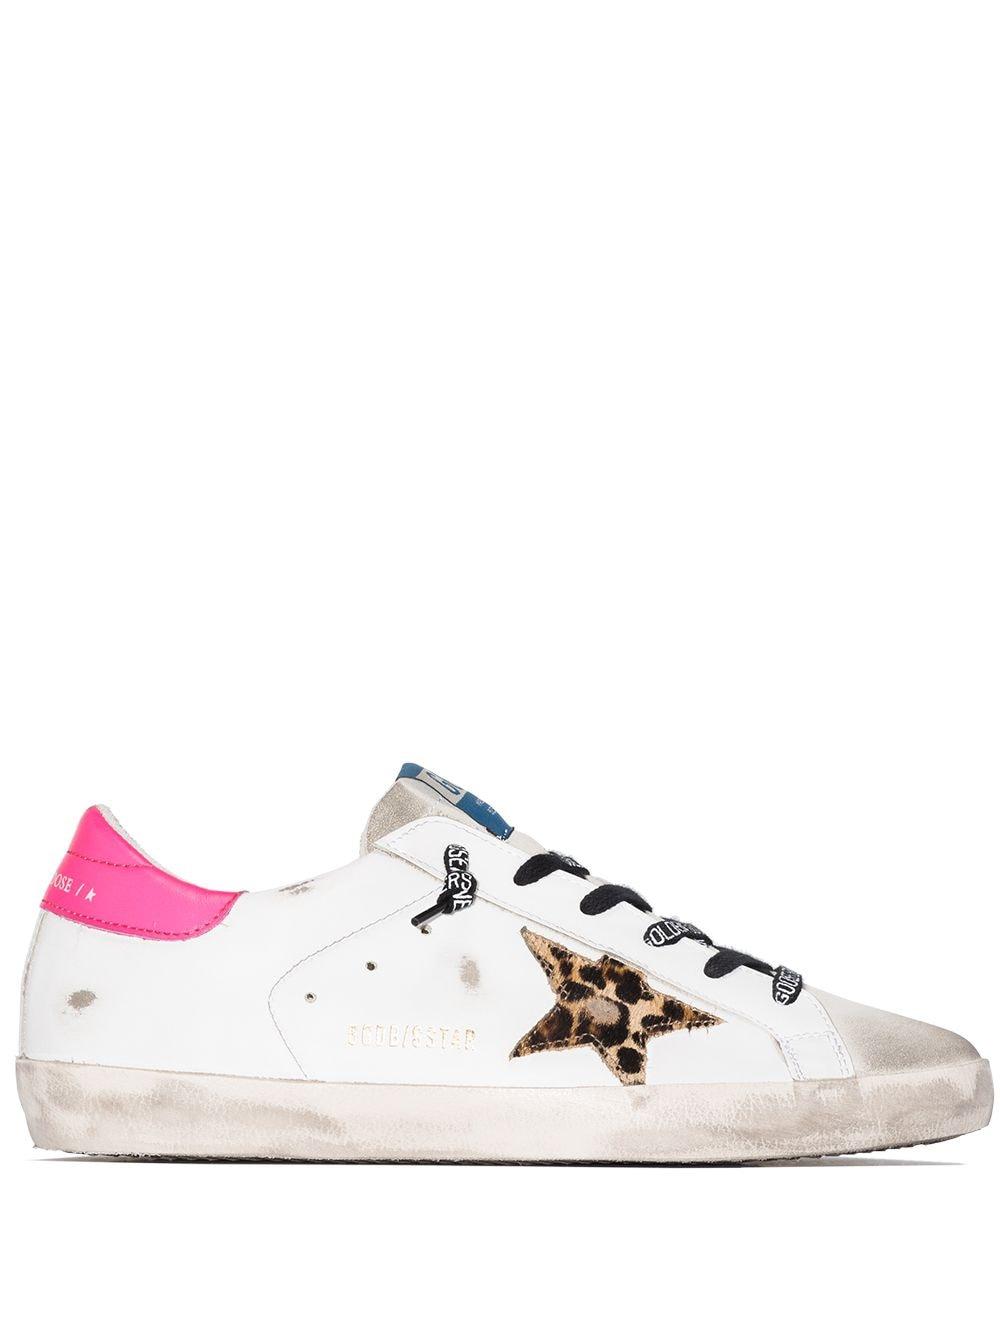 Sneakers, Golden Goose